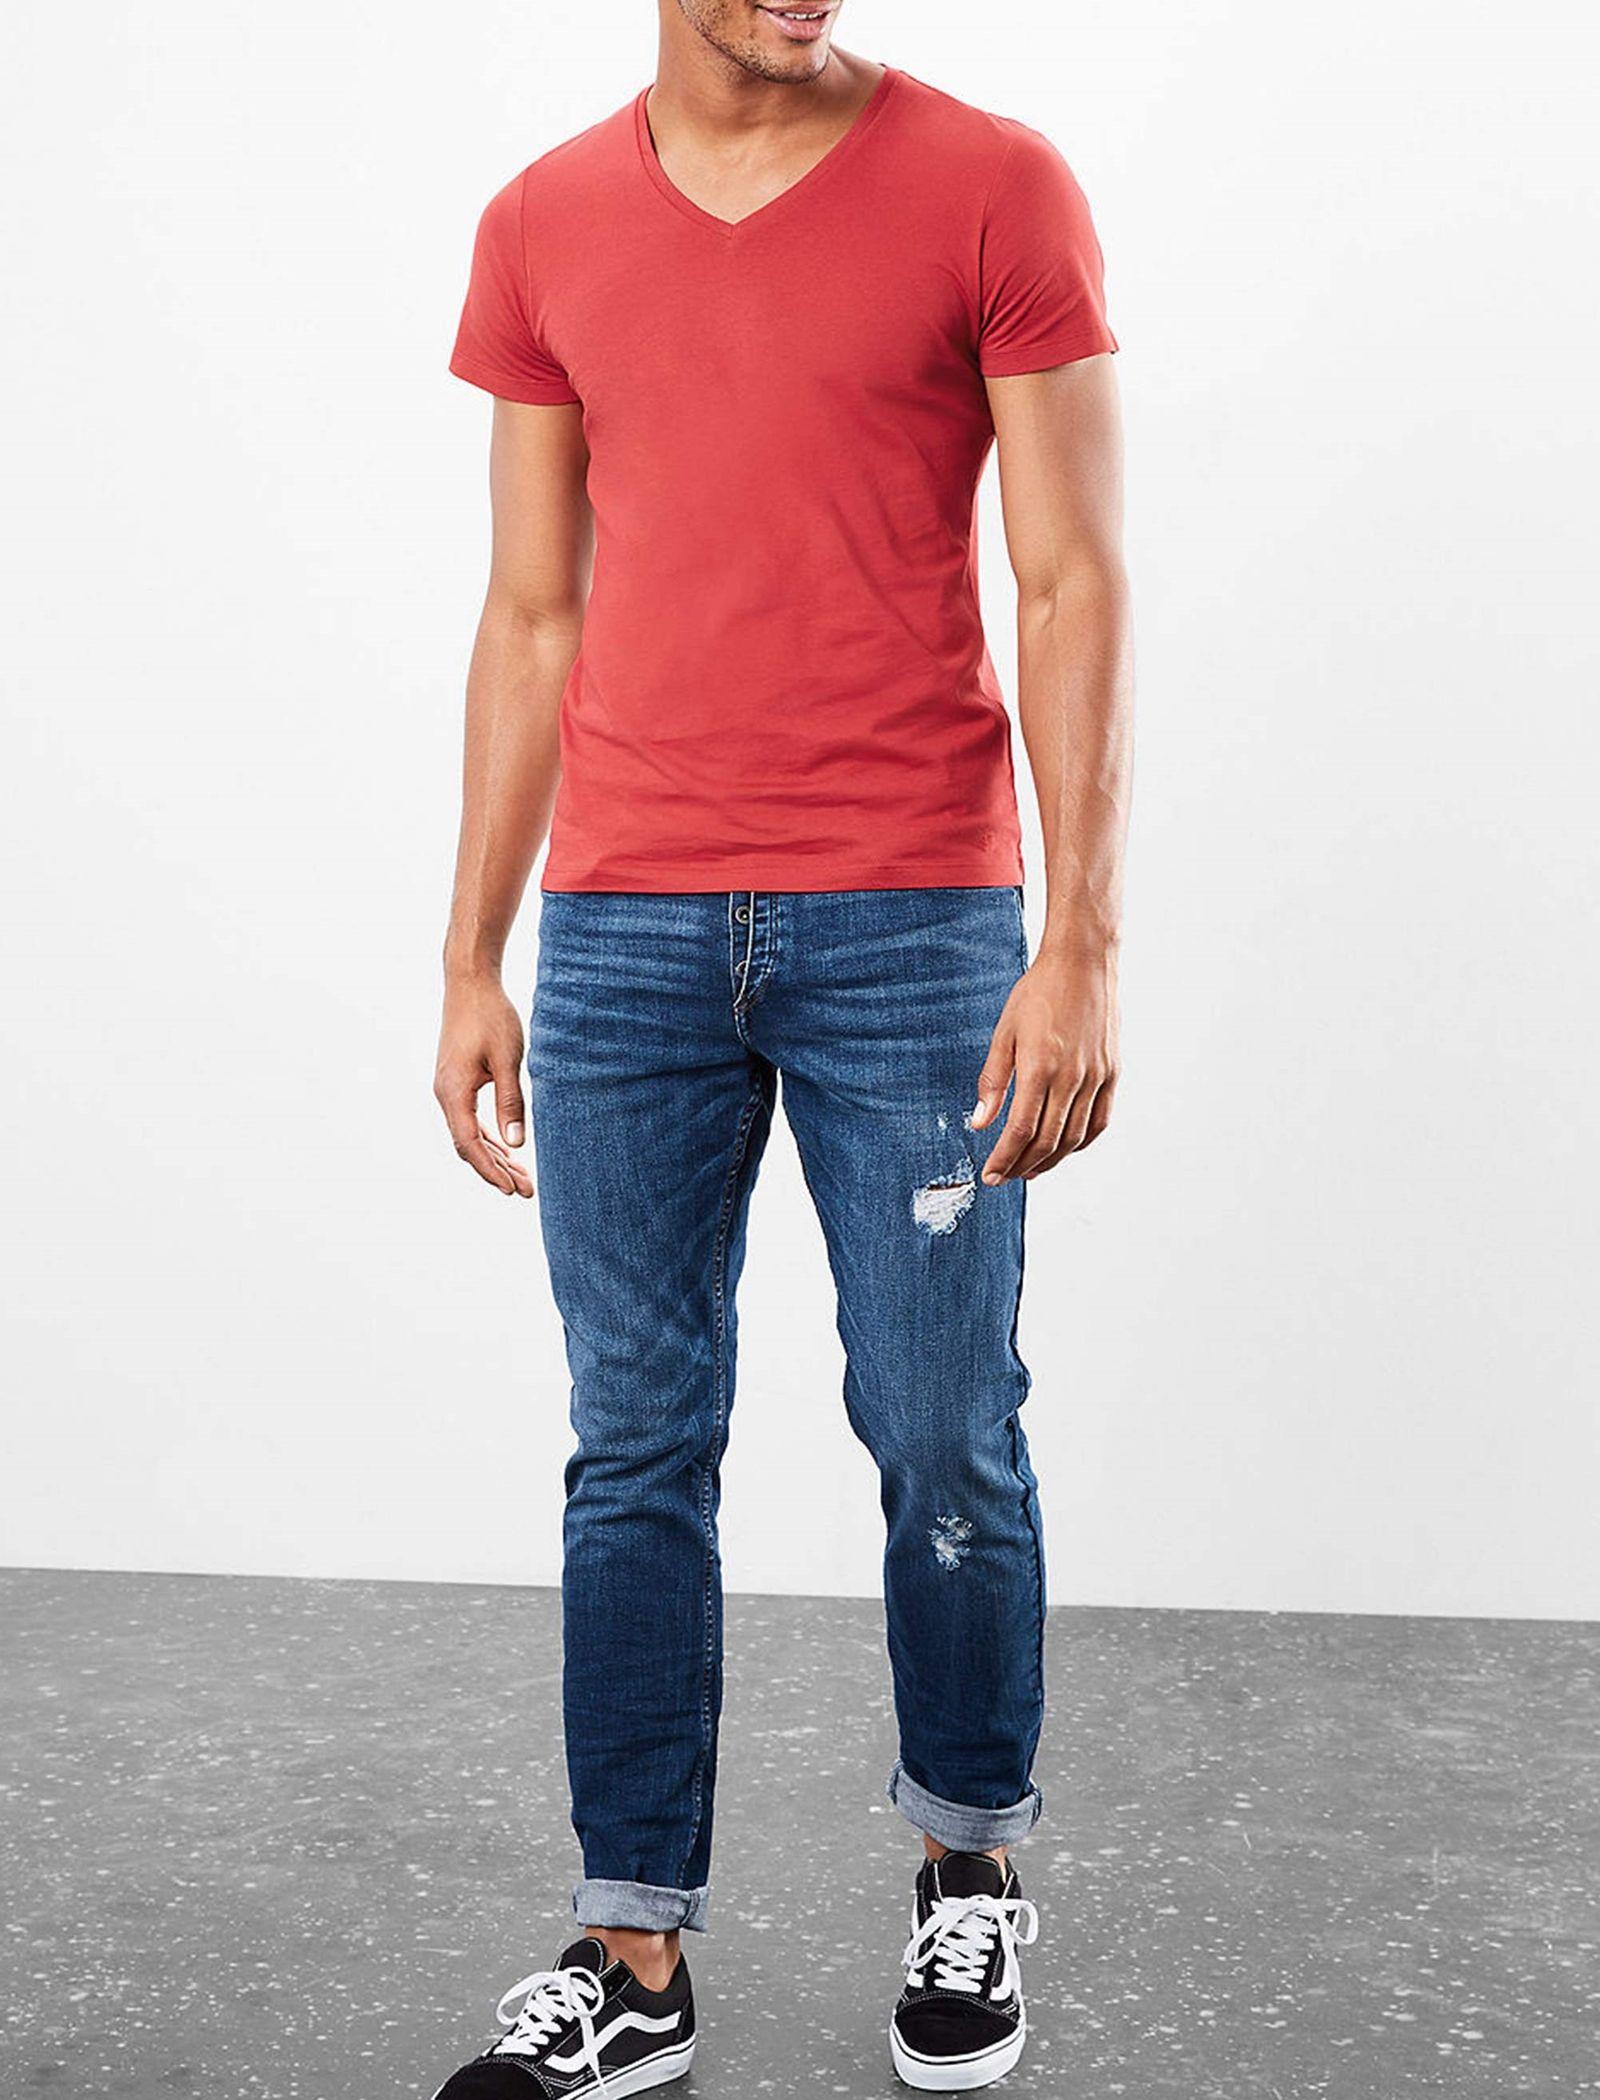 تی شرت نخی یقه هفت مردانه - اس.اولیور - قرمز - 4